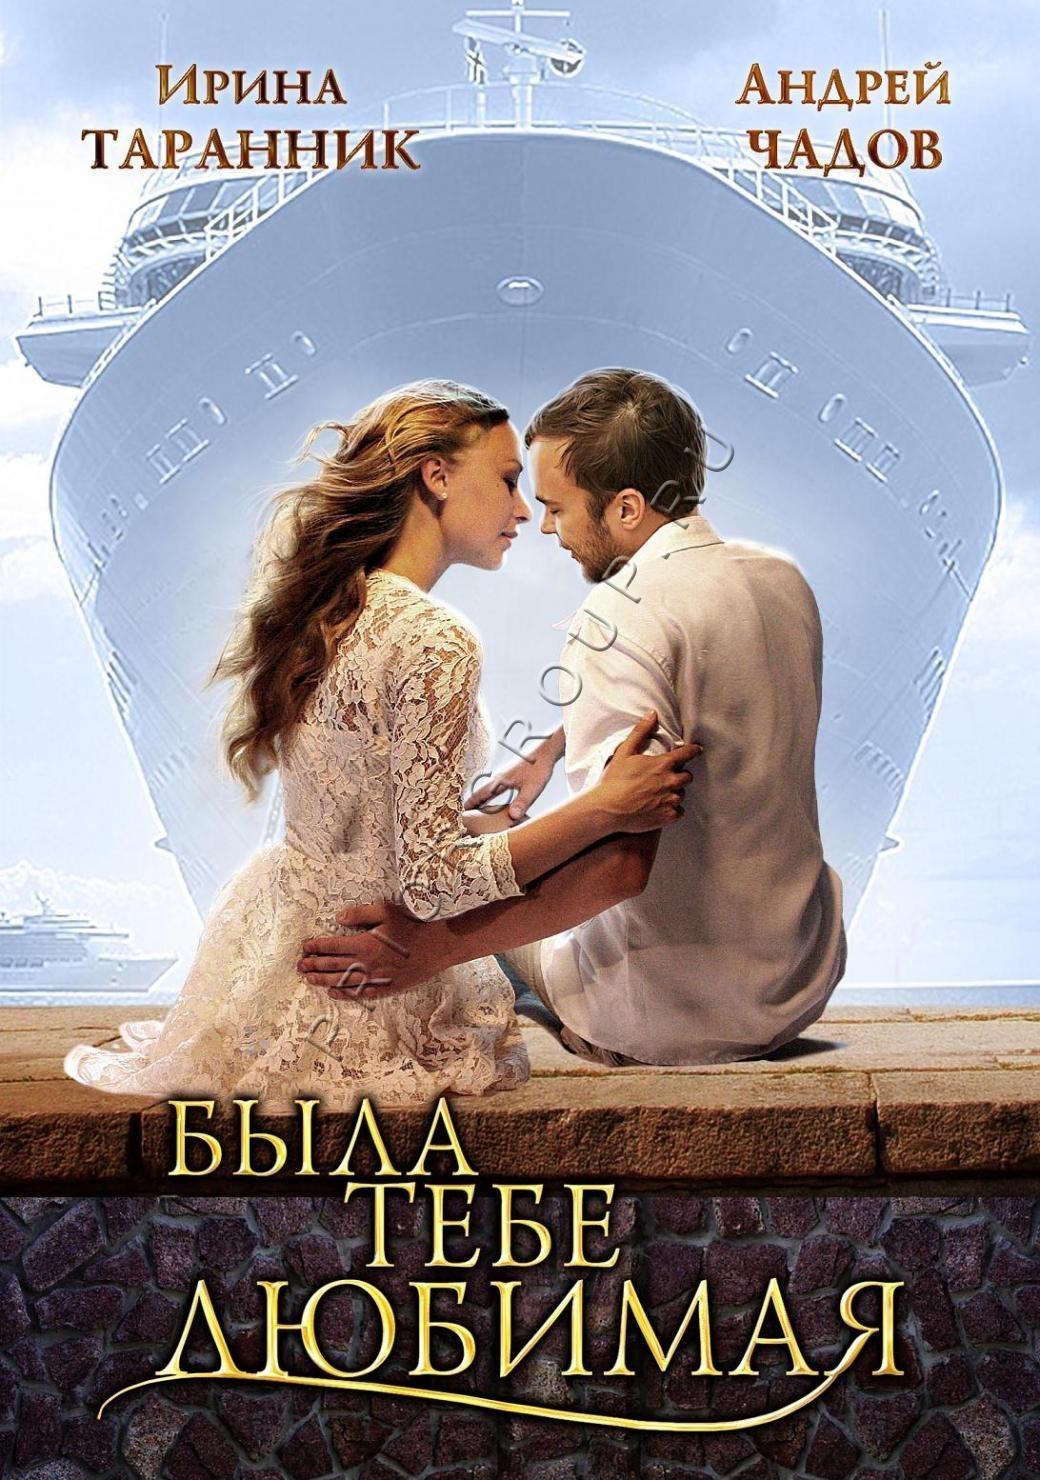 Мелодрама «Былa тeбe любимaя» (2011) 1-4 серия из 4